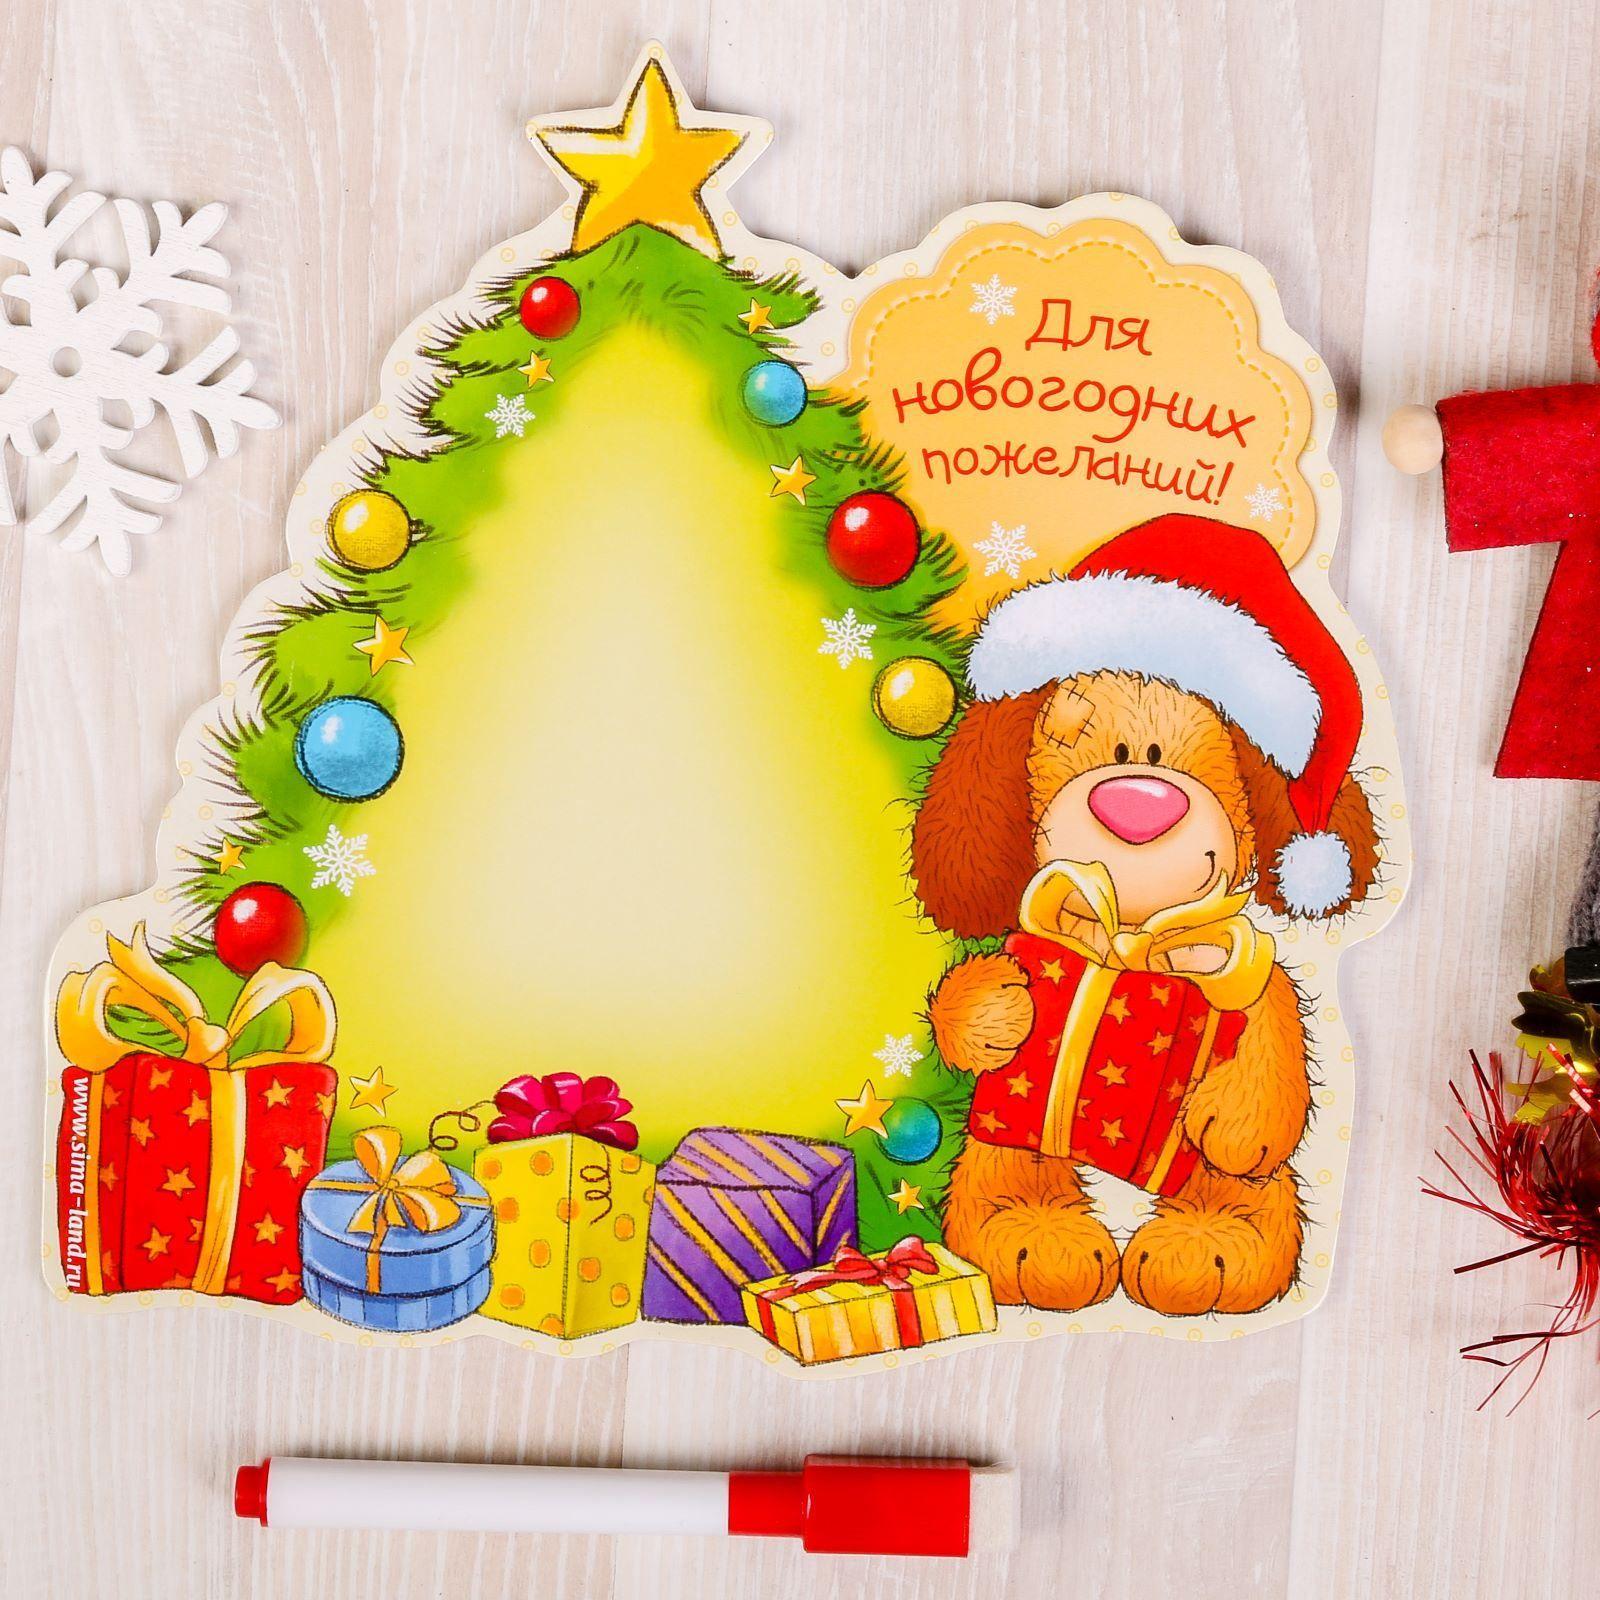 Доска магнитная Sima-land Для новогодних пожеланий, 20 х 20 см свеча ароматизированная sima land лимон на подставке высота 6 см